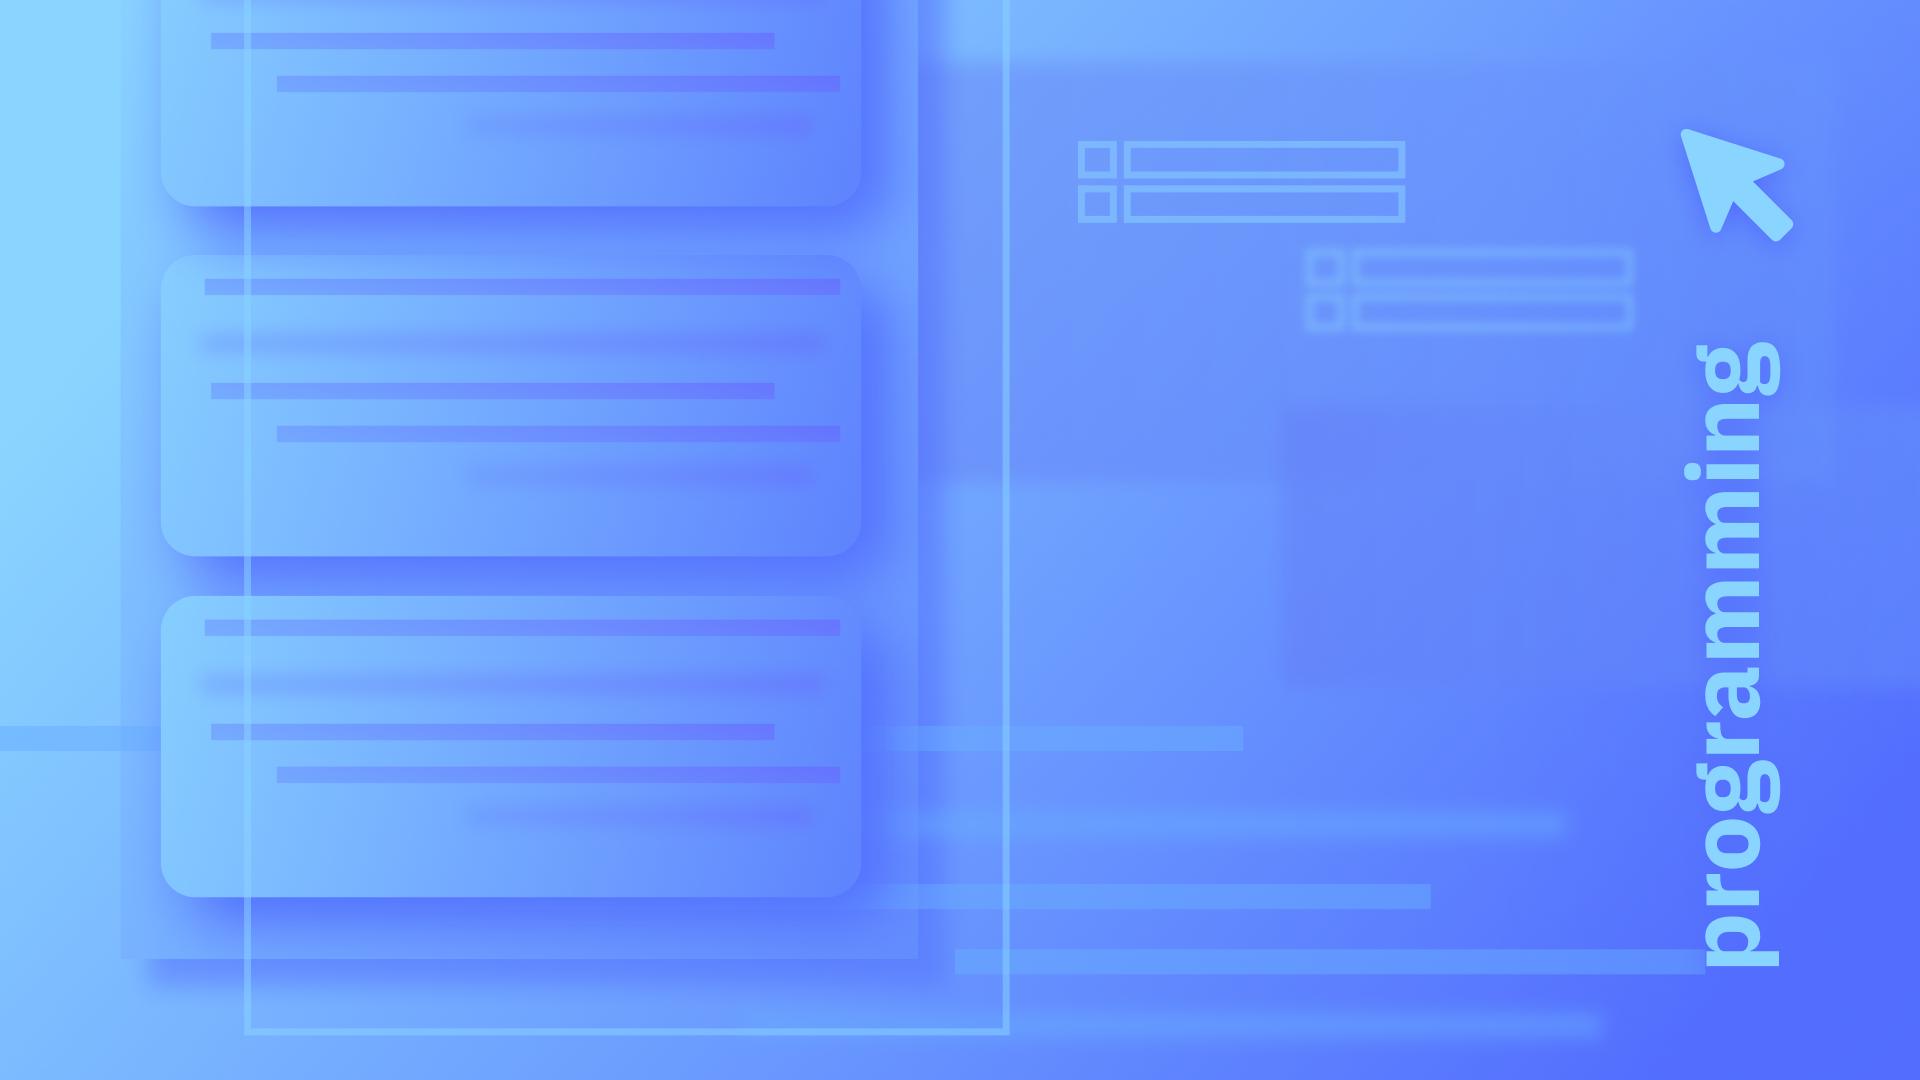 Вебинар Как верстать сайты в несколько раз быстрее фото